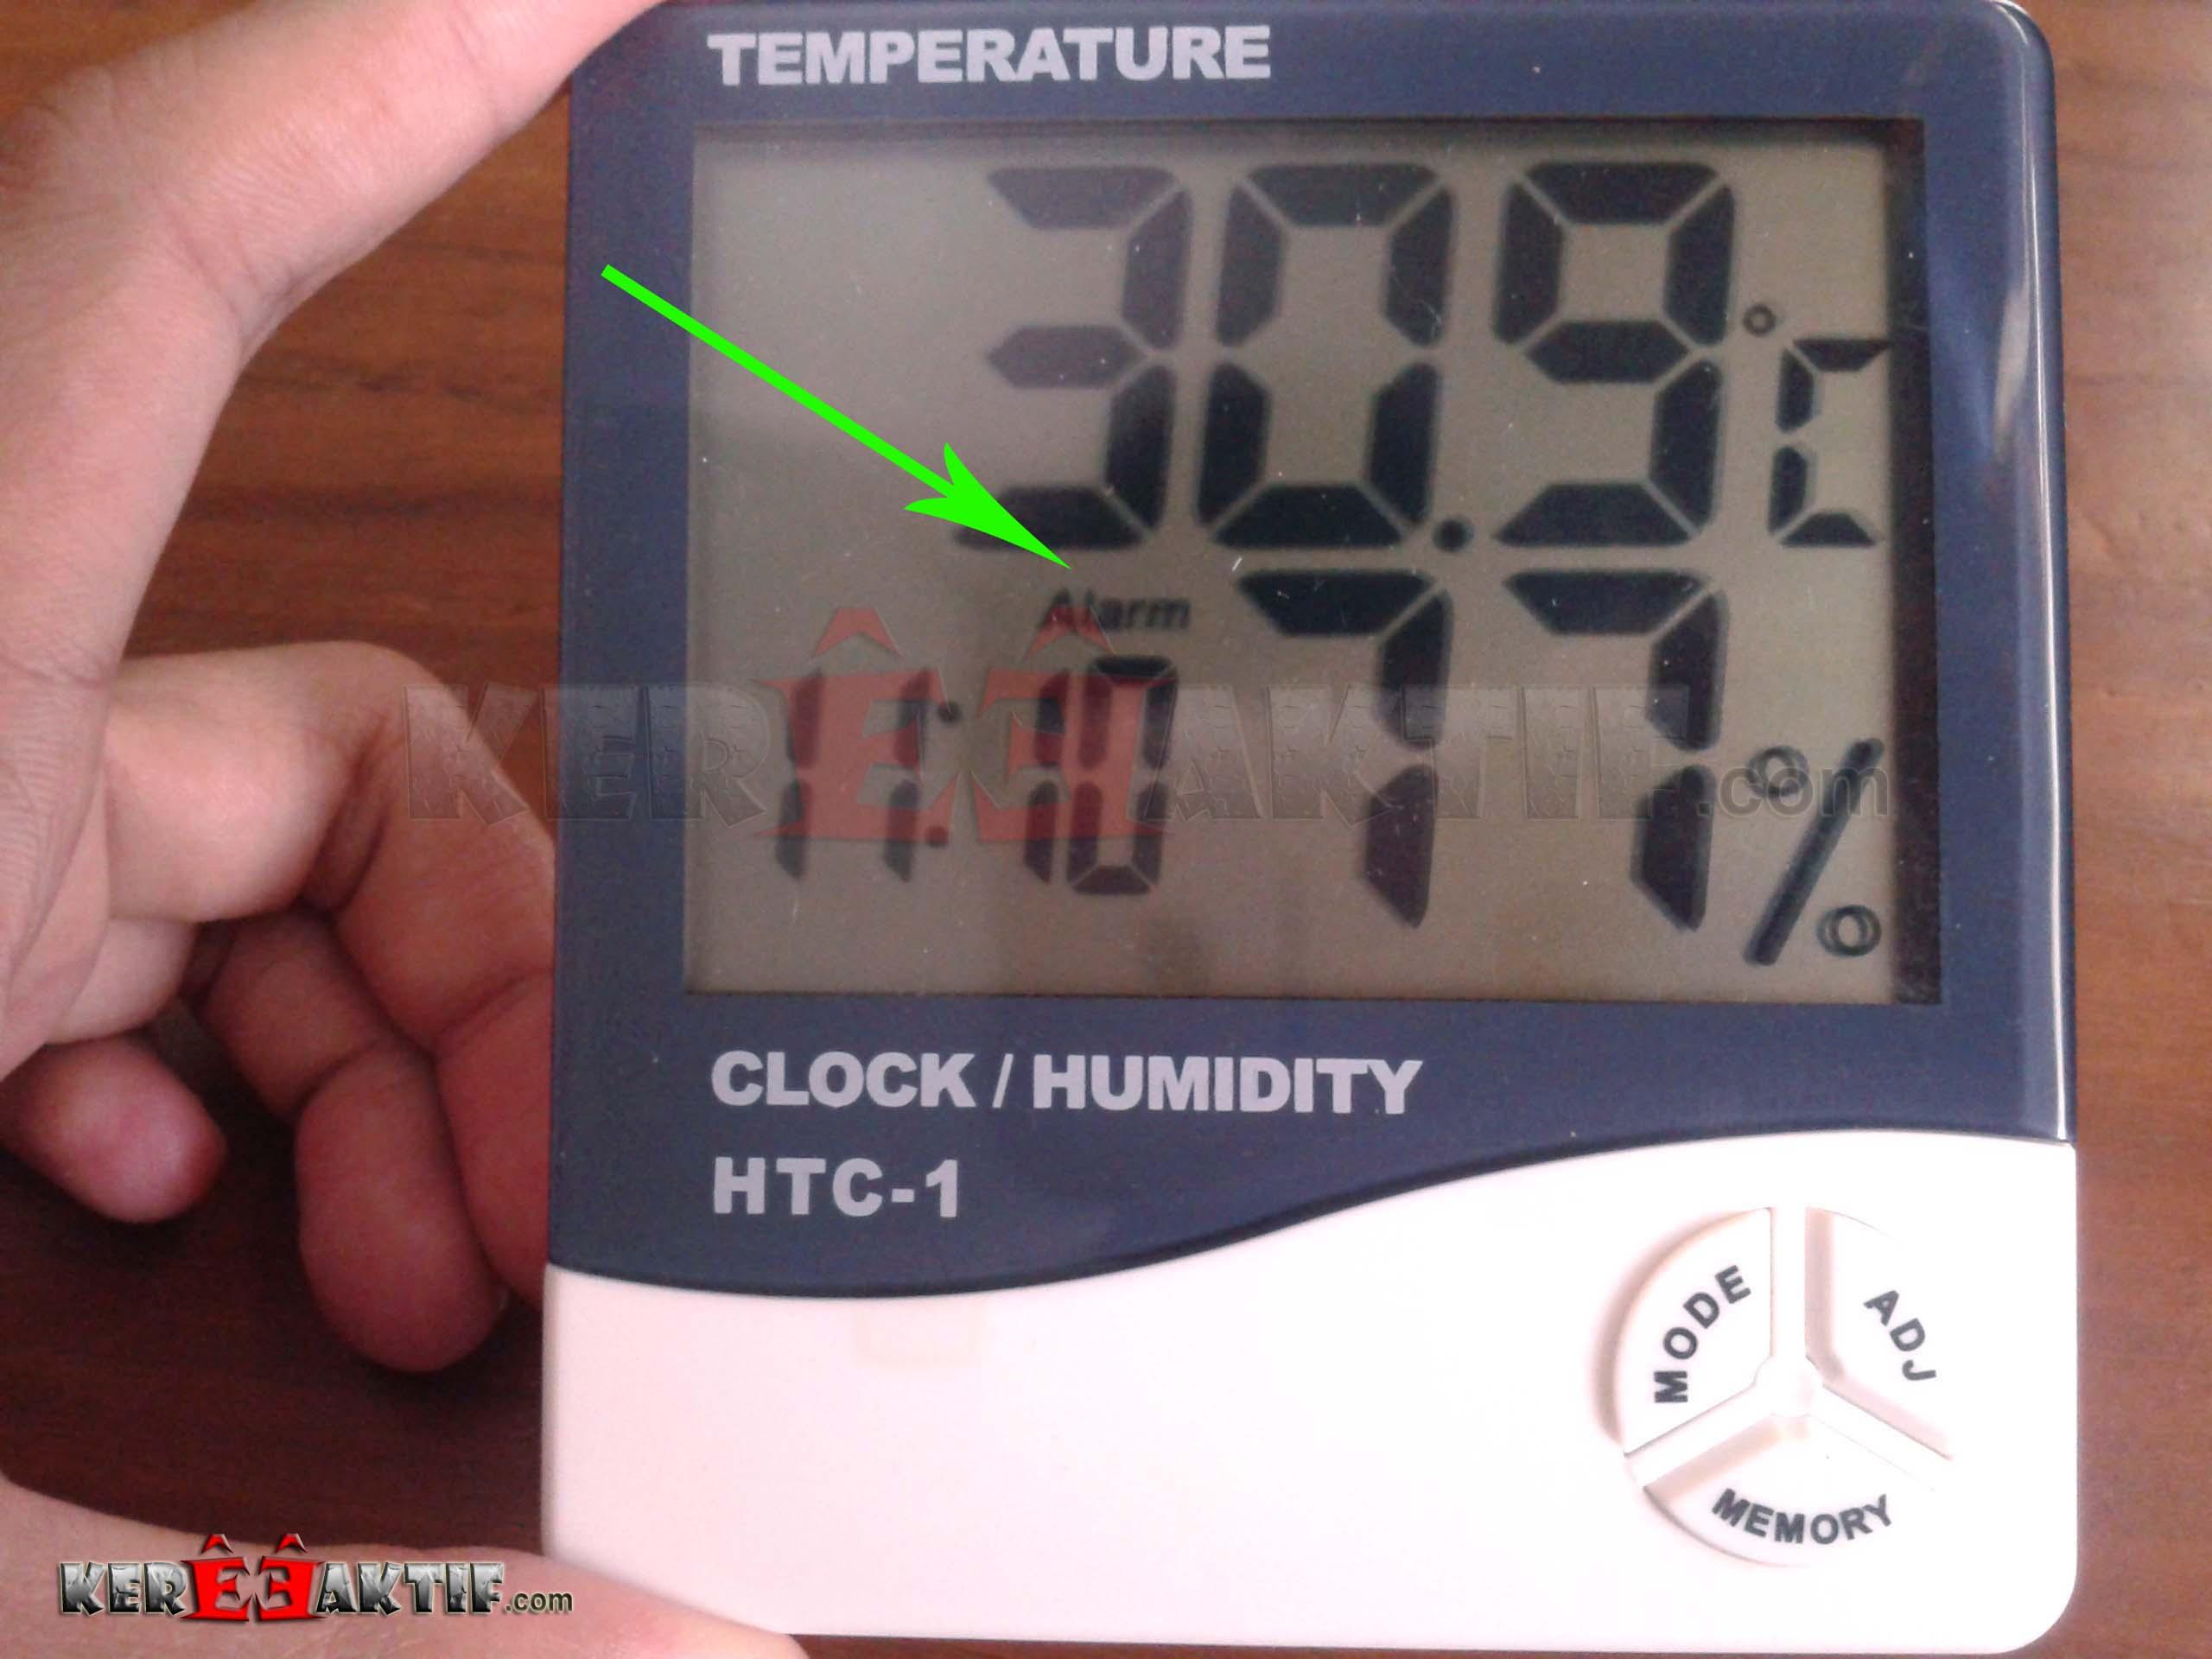 Review Harga Dan Cara Pakai Temperature Humidity Meter Htc 1 Thermohygrometer Thermometer Hygrometer Ruangan Digital Lcd Catatan Alarm Akan Berbunyi Setiap Hari Sesuai Dengan Waktu Jam Menit Yang Telah Kita Tentukan Selama Setelah Itu Maka